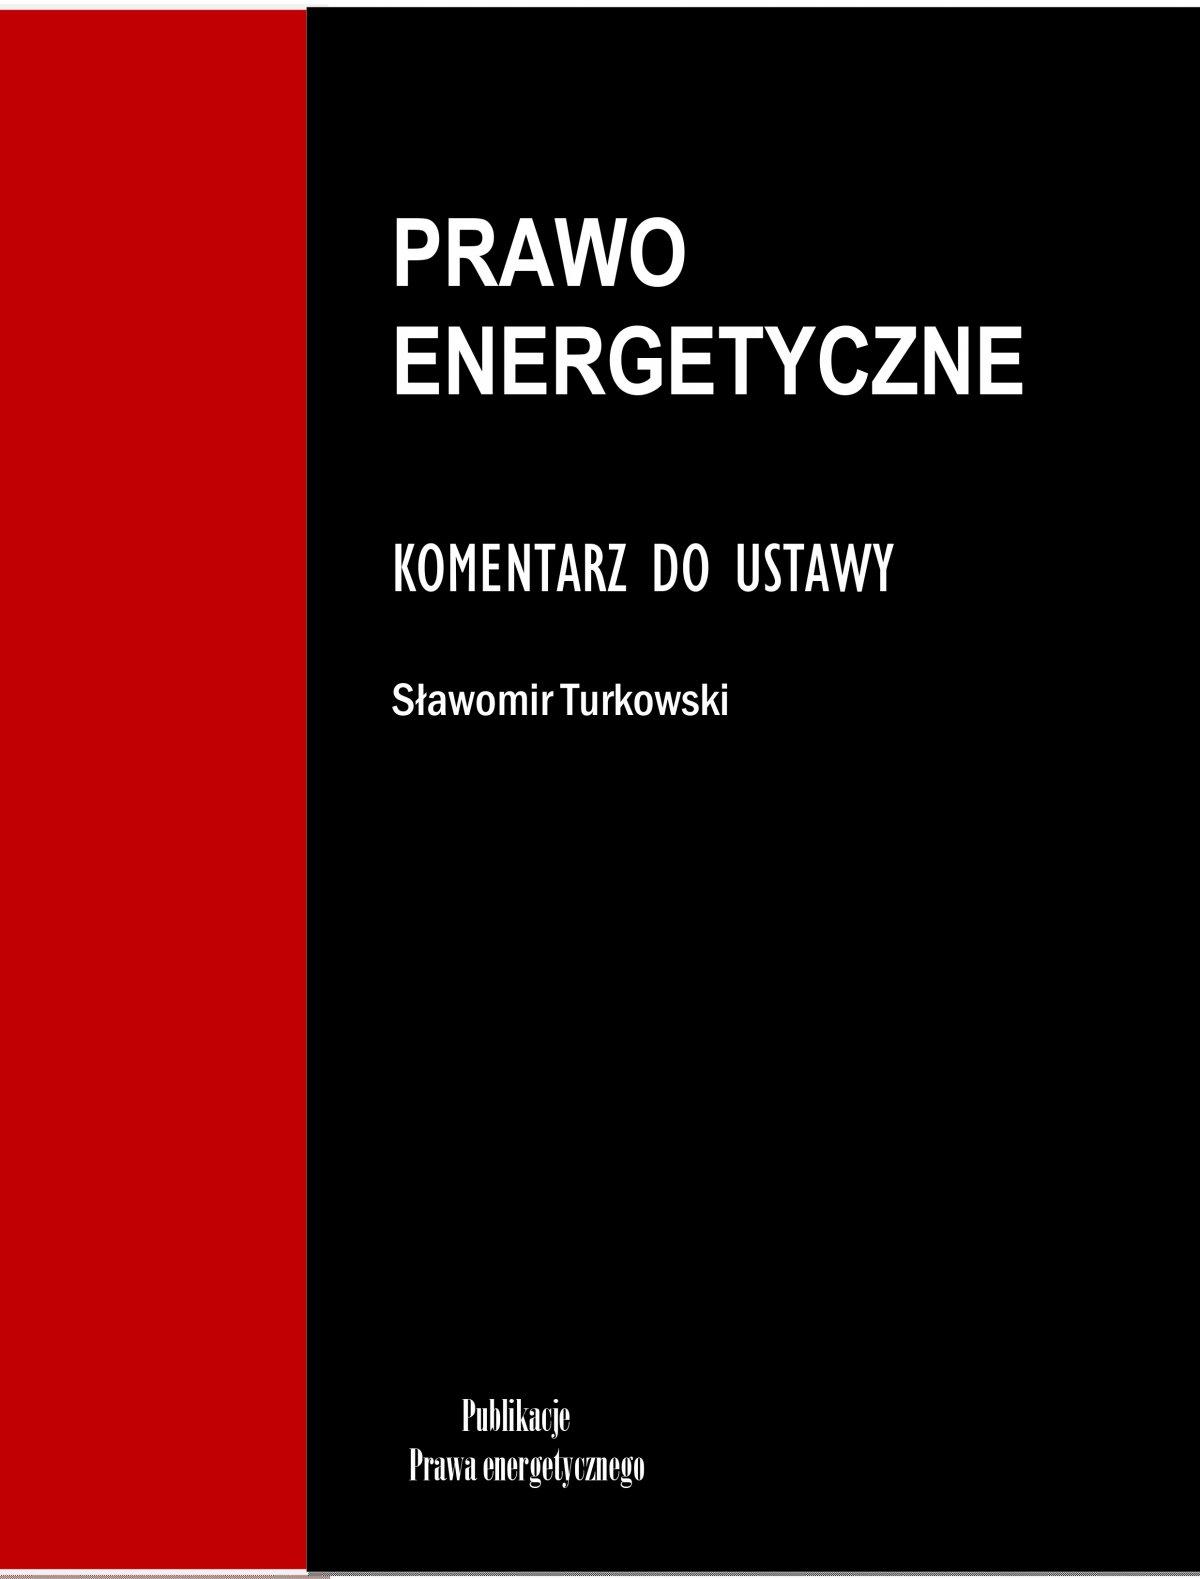 Prawo energetyczne. Komentarz do ustawy - Ebook (Książka PDF) do pobrania w formacie PDF